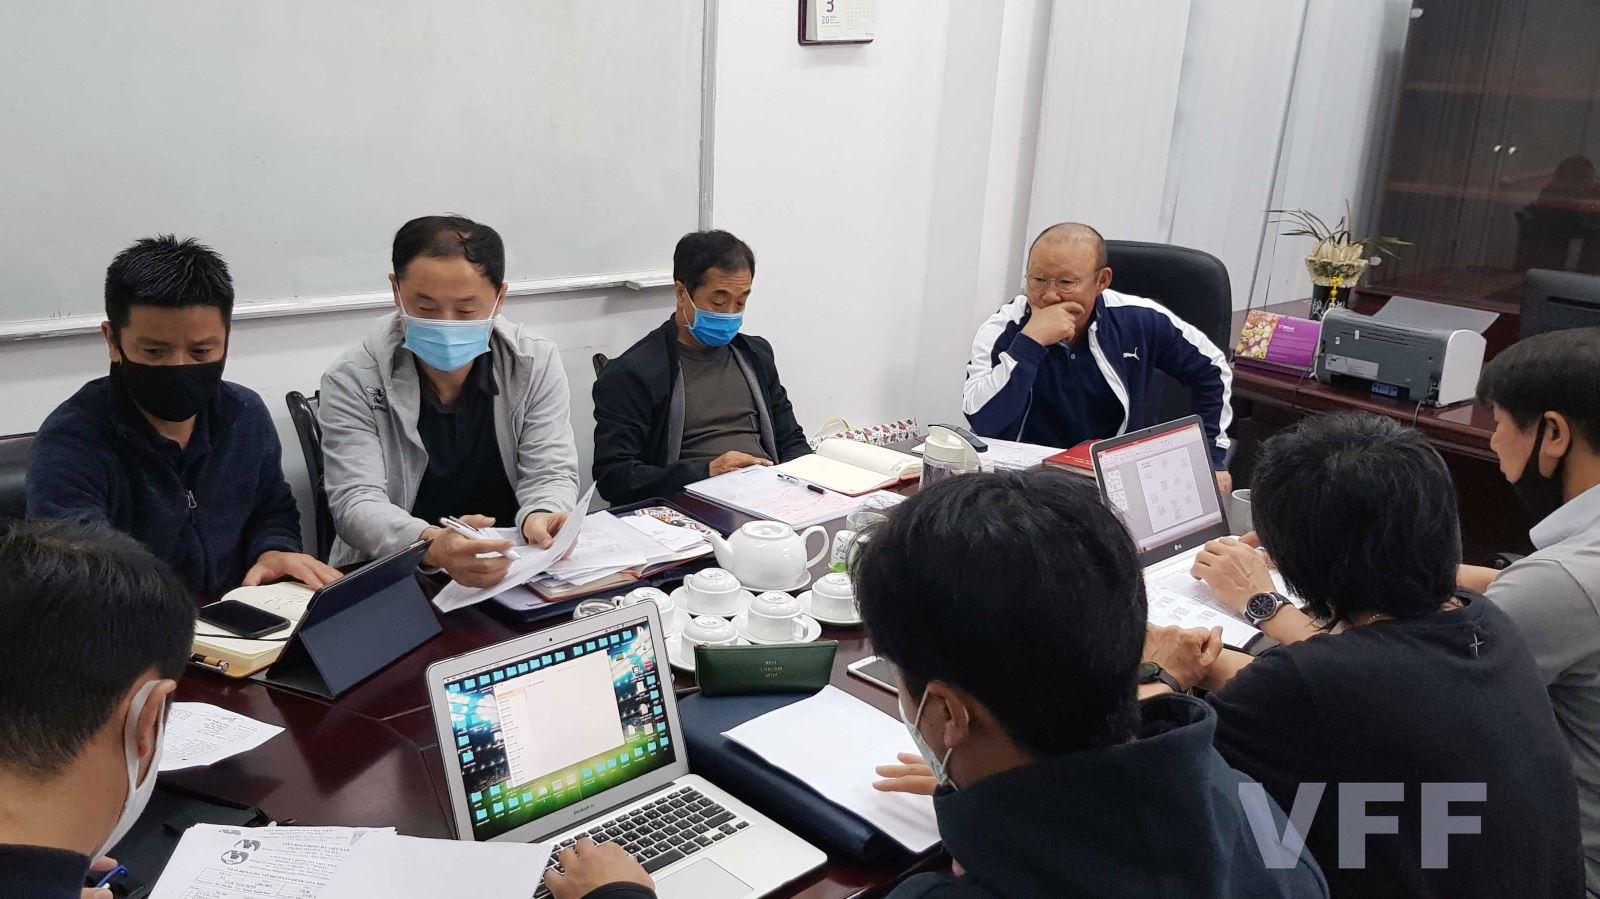 bóng đá Việt Nam, tin tức bóng đá, bong da, tin bong da, HLV Park Hang Seo, DTVN, tuyển VN, vòng loại World Cup, Việt Nam vs Indonesia, V-League